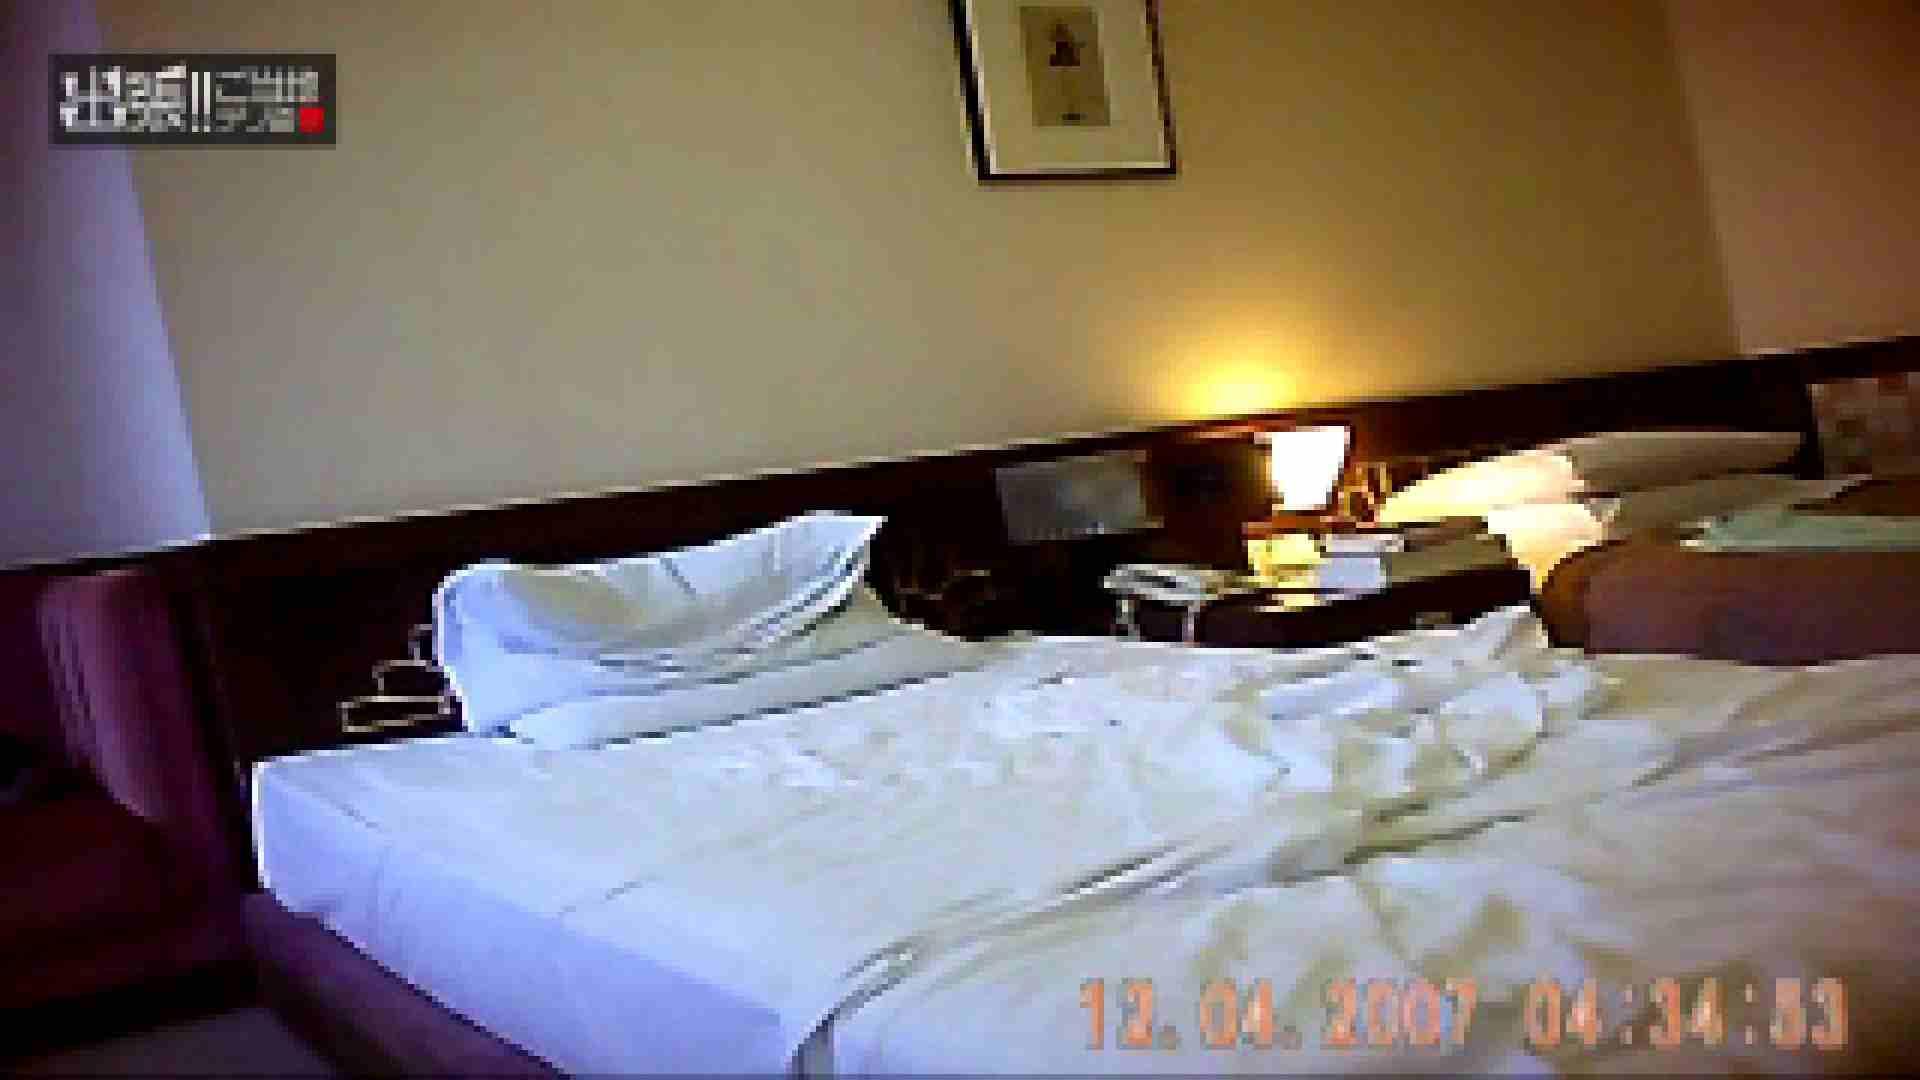 出張リーマンのデリ嬢隠し撮り第2弾vol.3 美しいOLの裸体 エロ画像 105pic 104